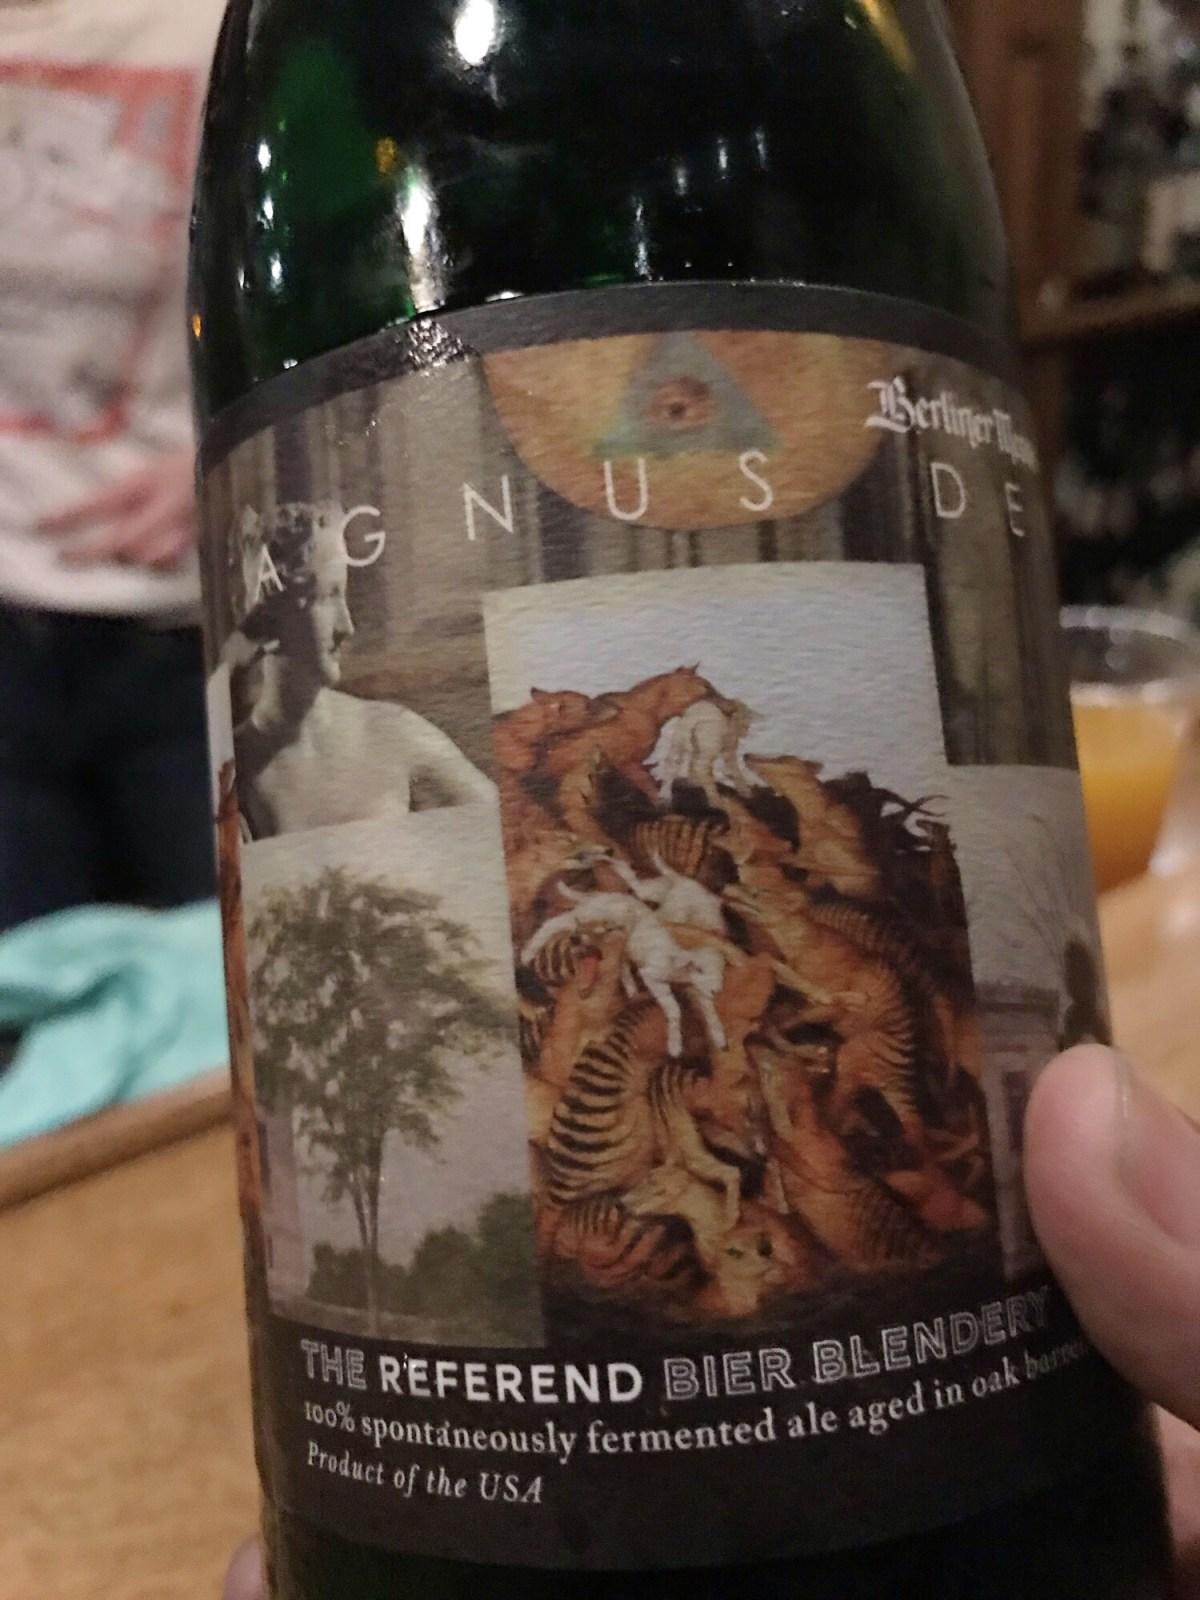 The Referend Bier Blendery Berliner Messe – Agnus Dei (2016 Harvest)